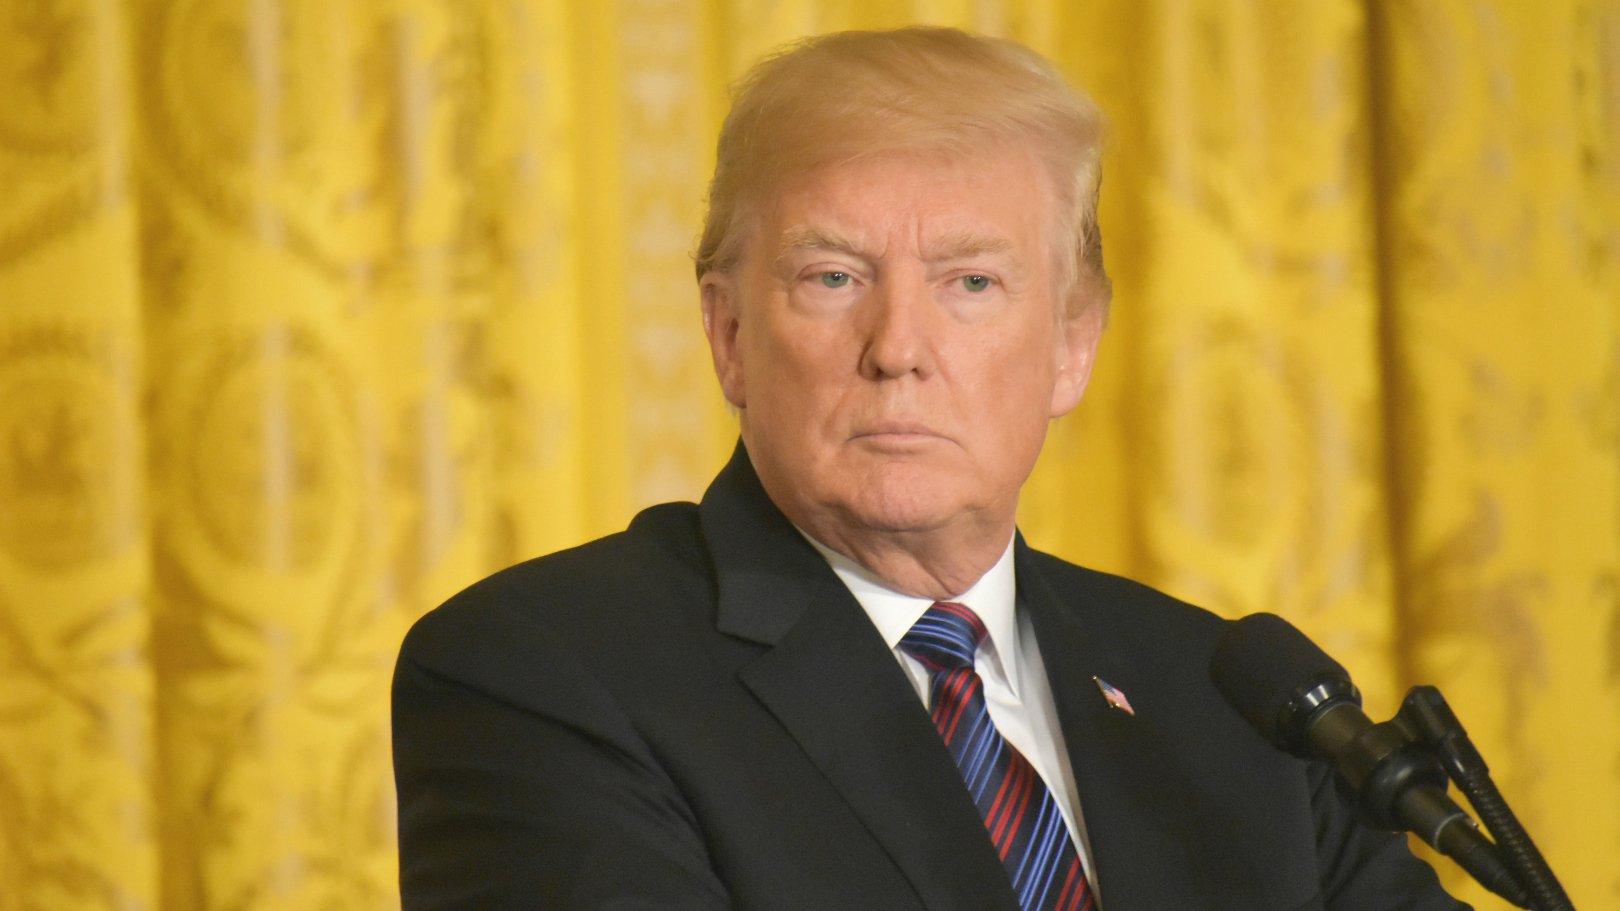 Pelosi anuncia que el Congreso procederá con la acusación formal contra Trump